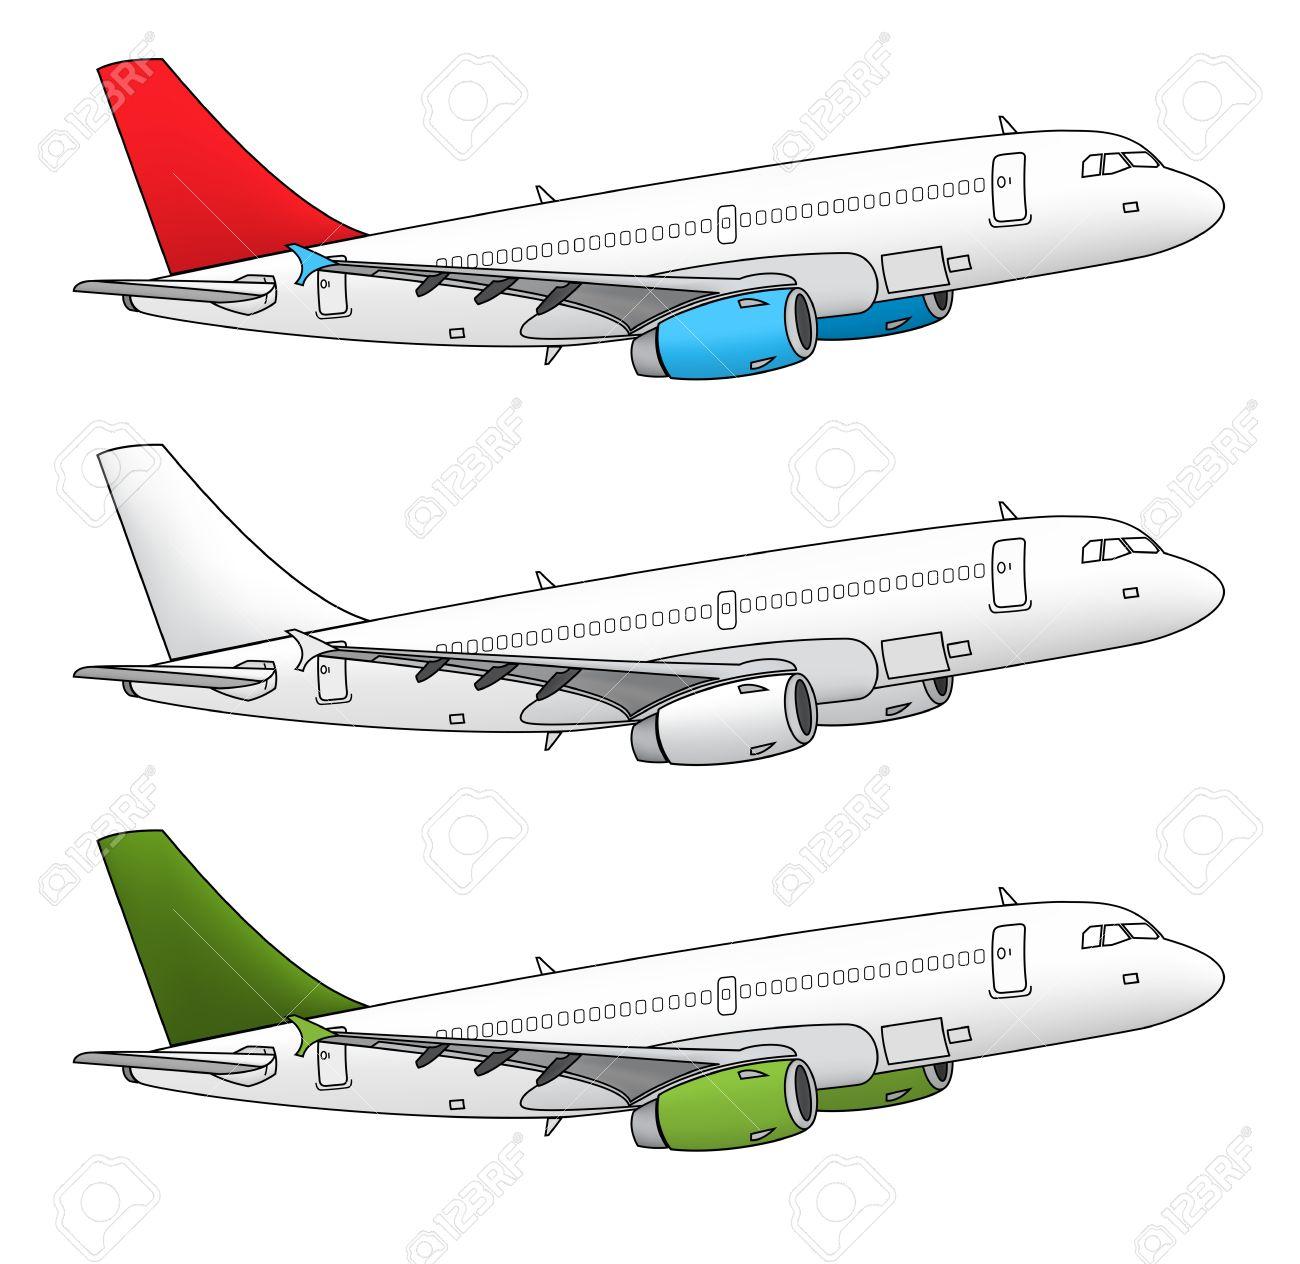 El Diseño De Aviones Vector Aislada En Diferentes Combinaciones De ...